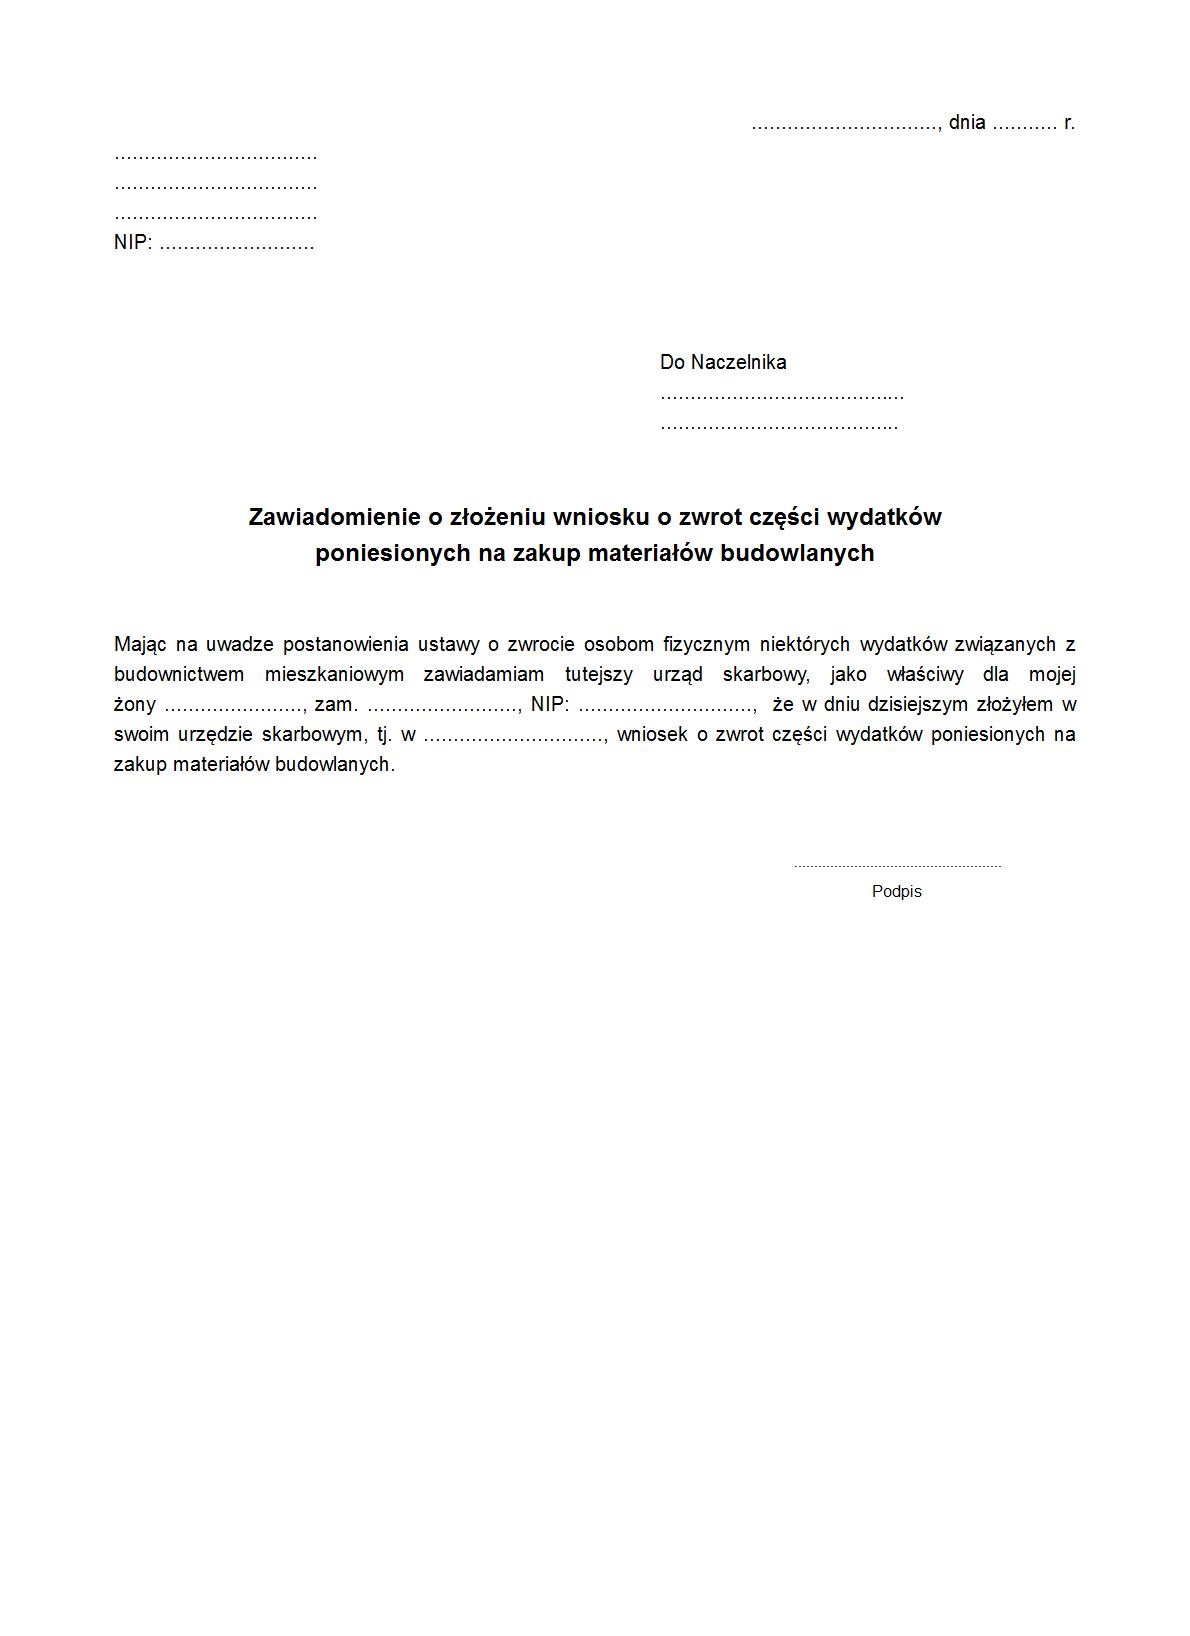 ZoZWVZM1 Zawiadomienie o złożeniu wniosku o zwrot części wydatków poniesionych na zakup materiałów budowlanych